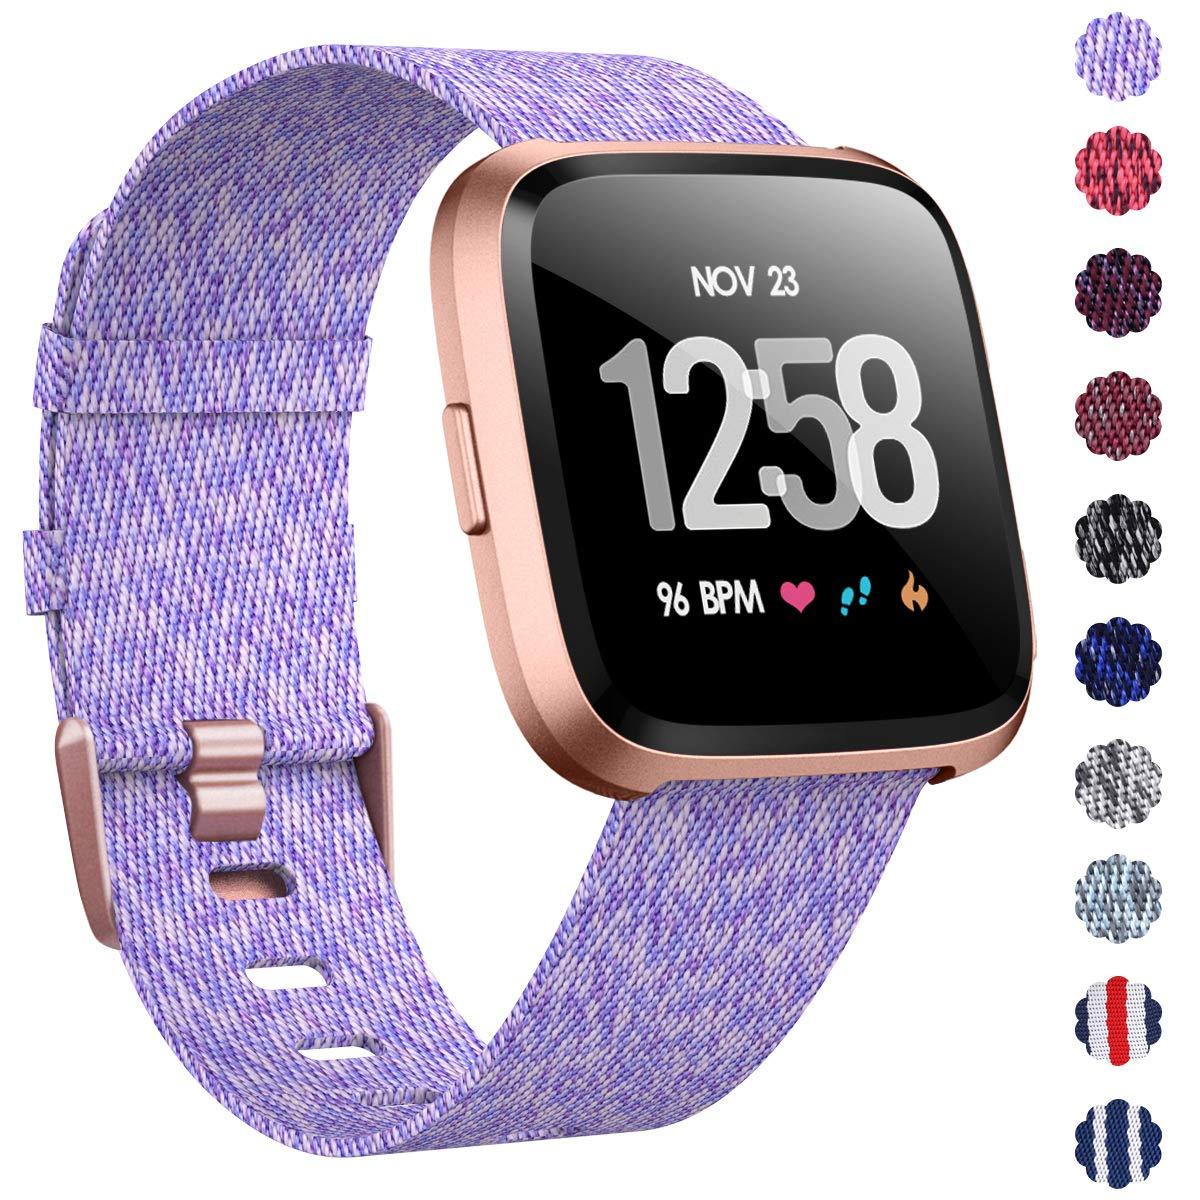 Malla Reloj Fitbit Versa/fitbit Versa 2 (violeta claro Gold)